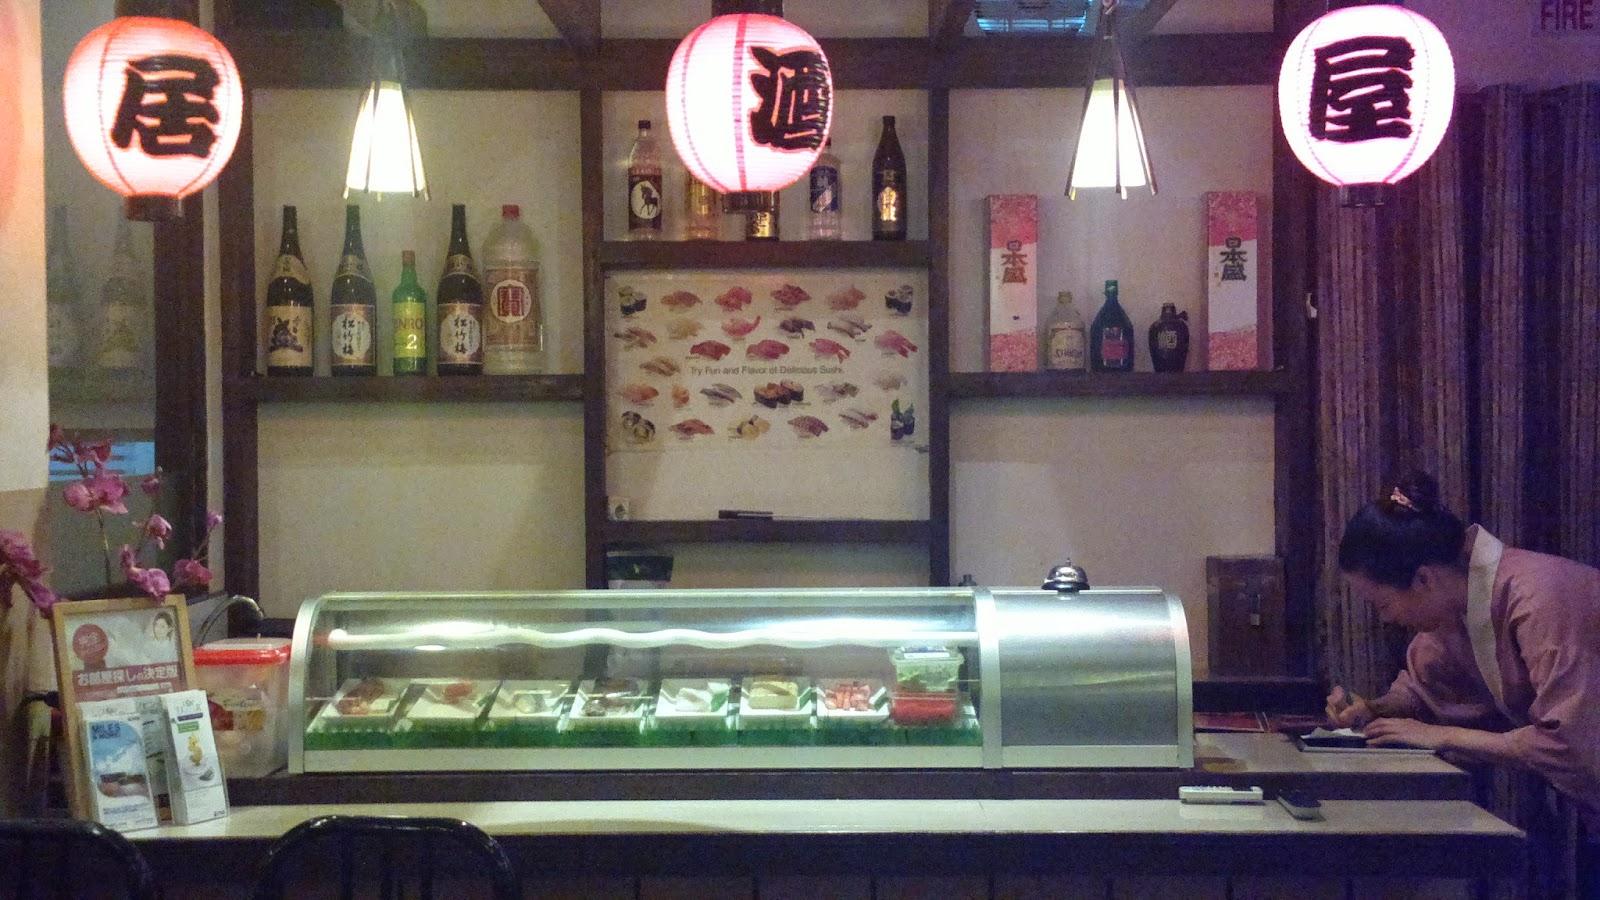 Okiniiri Japanese Restaurant and Izakaya in BF Homes, Parañaque